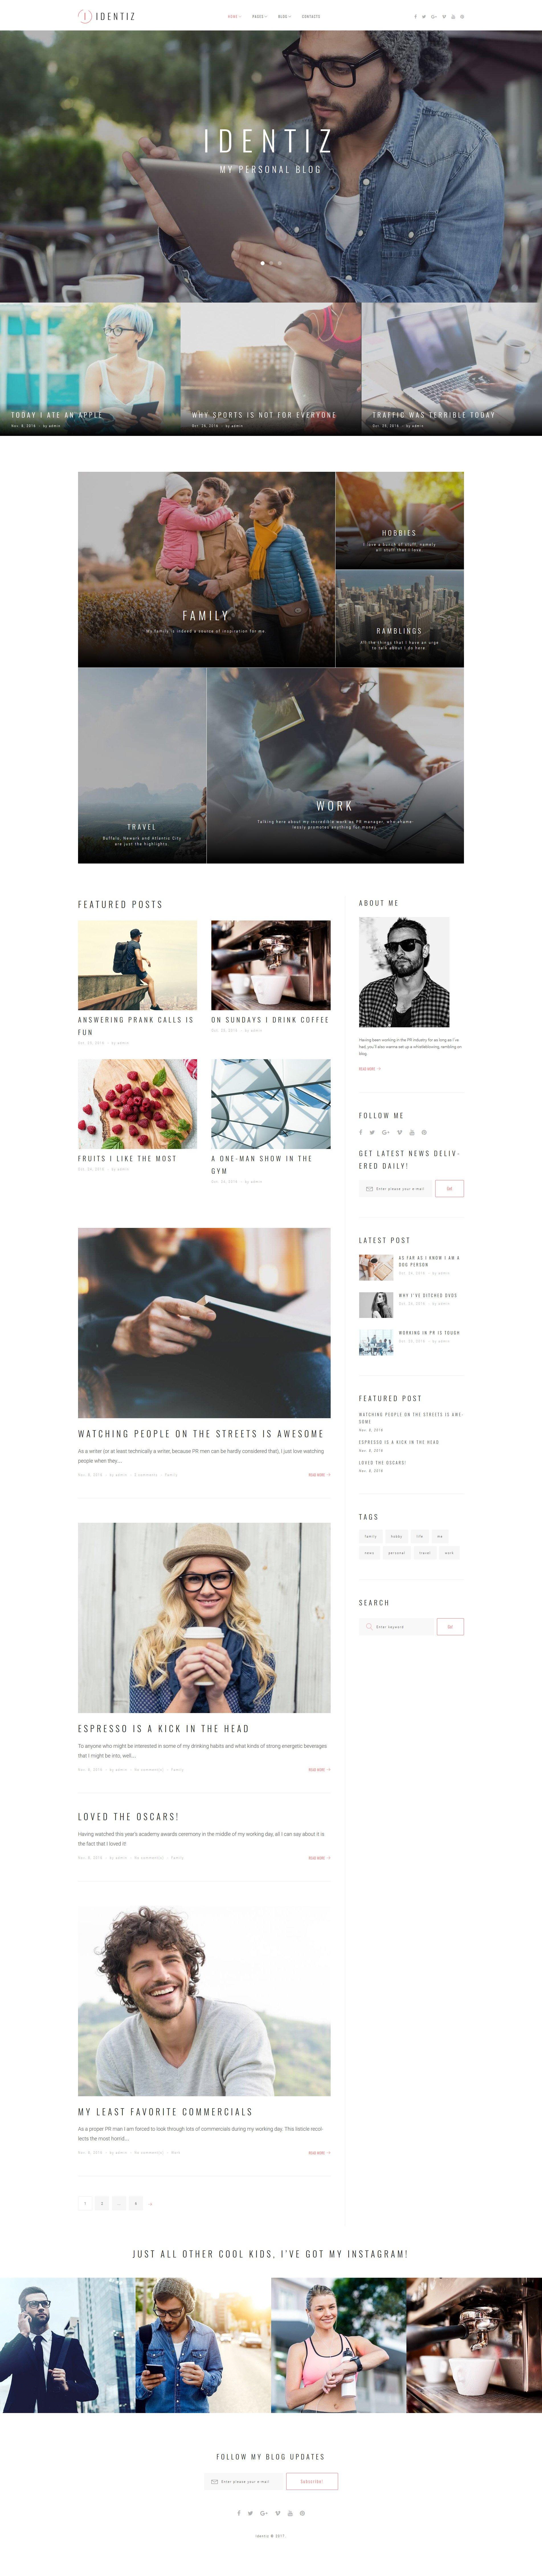 Identiz - личный блог №63592 - скриншот